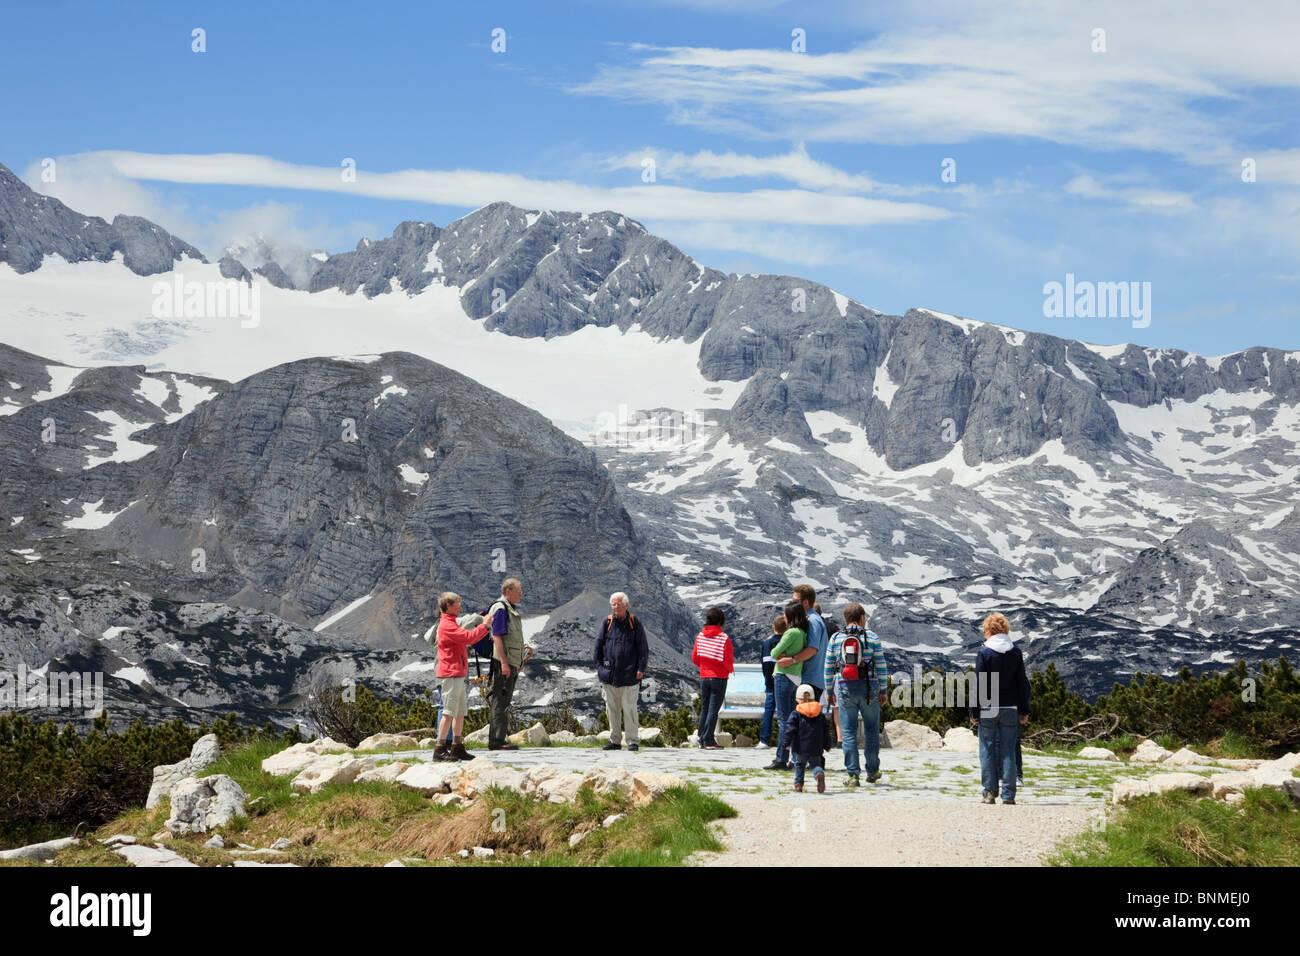 Menschen am WorldNaturalHeritage Aussichtspunkt auf dem Krippenstein Mountain in der Dachstein-Massiv in den Alpen Stockbild